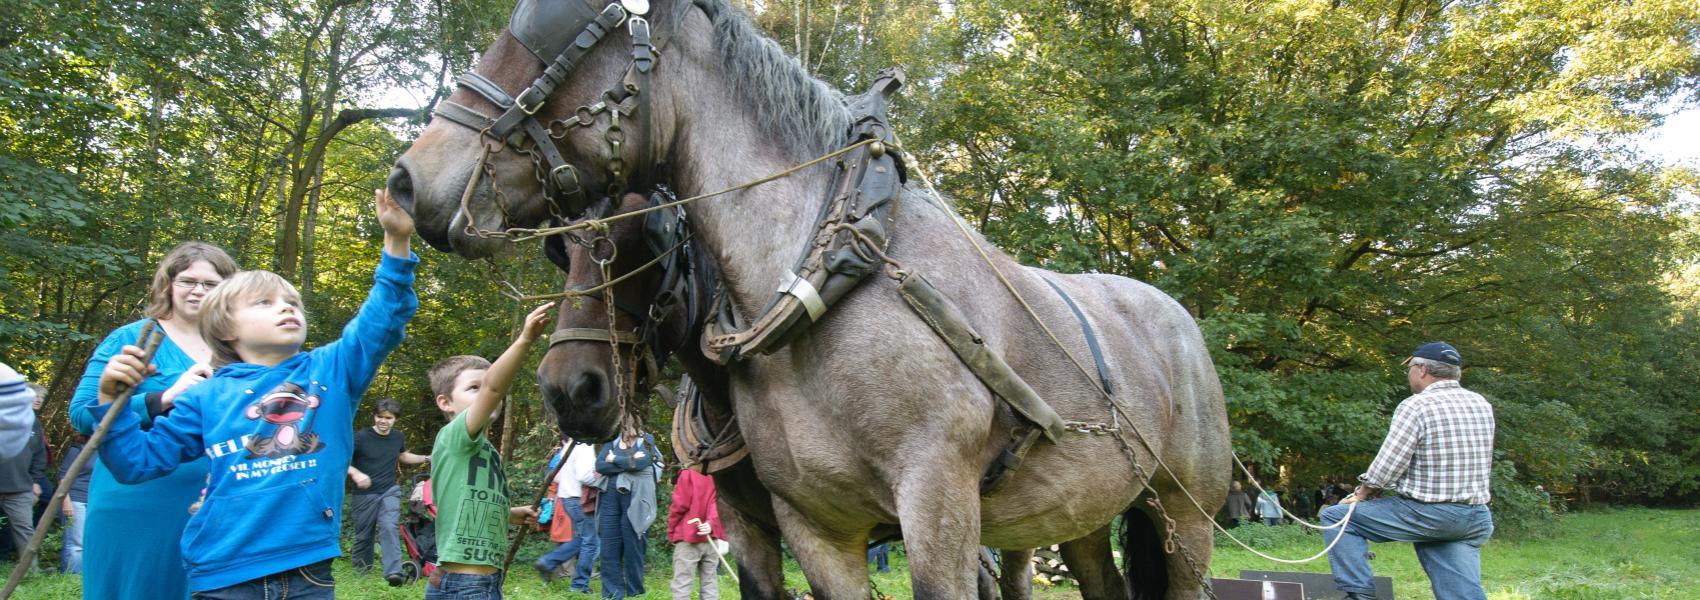 kinderen bij trekpaarden